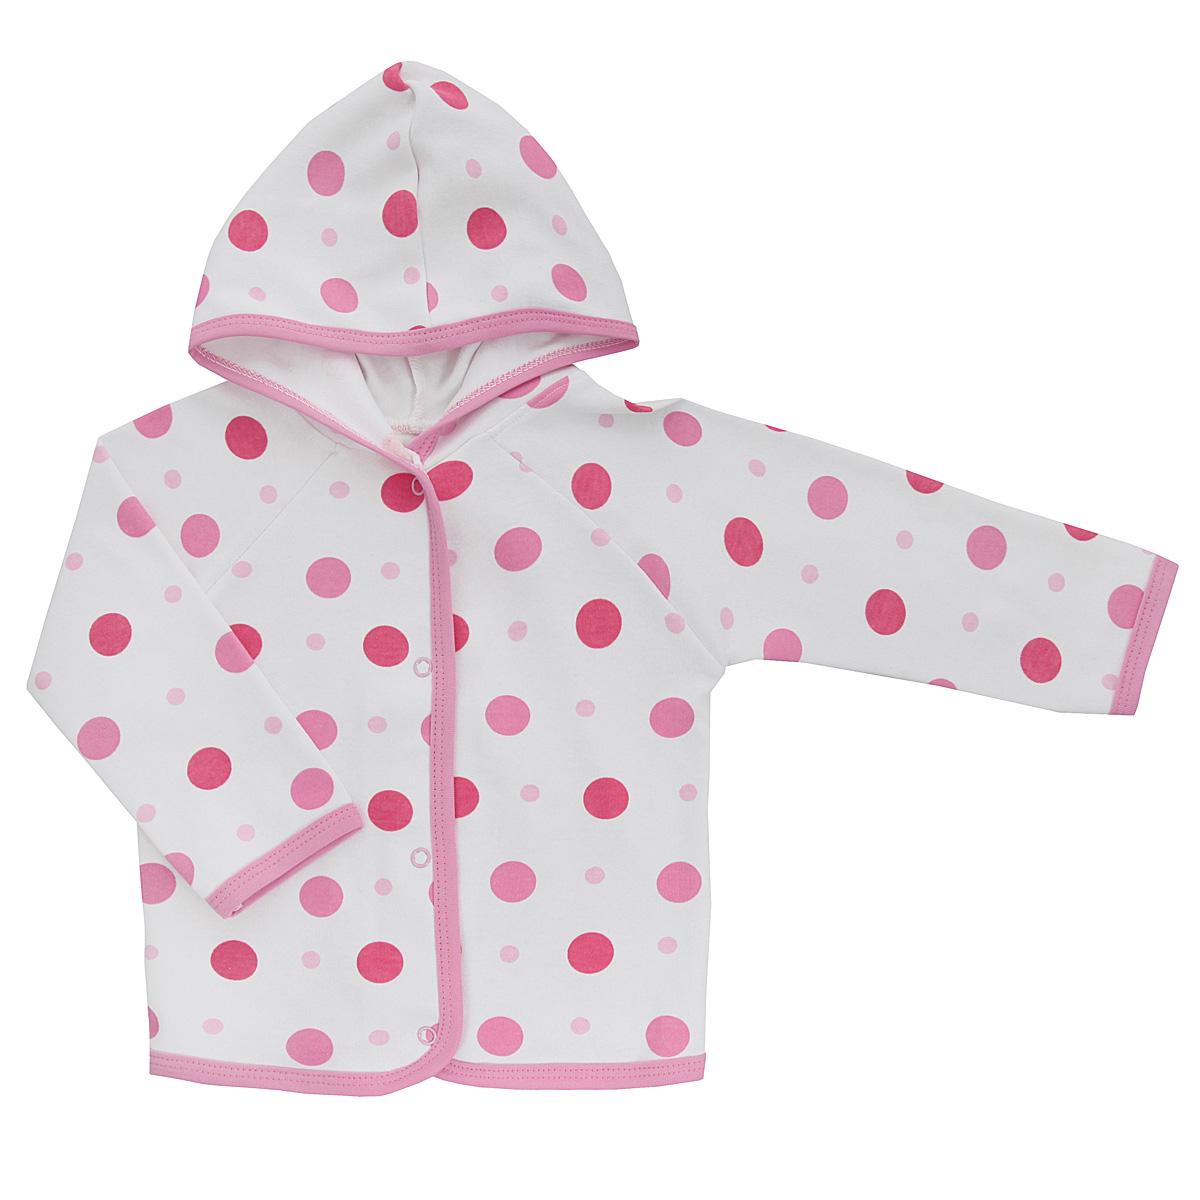 Кофточка Трон-плюс, цвет: белый, розовый. 5162_горох. Размер 74, 9 месяцев5162_горохУдобная детская кофточка Трон-плюс послужит идеальным дополнением к гардеробу вашего ребенка, обеспечивая ему наибольший комфорт. Изготовленная из интерлока - натурального хлопка, она необычайно мягкая и легкая, не раздражает нежную кожу ребенка и хорошо вентилируется, а эластичные швы приятны телу ребенка и не препятствуют его движениям. Кофточка с капюшоном и длинными рукавами-реглан застегивается спереди на удобные застежки-кнопки, что помогает с легкостью переодеть ребенка. Окантовка капюшона, низ рукавов, планка и низ модели дополнены контрастной трикотажной бейкой. Оформлено изделие ненавязчивым принтом с изображениями котенка. Кофточка полностью соответствует особенностям жизни ребенка в ранний период, не стесняя и не ограничивая его в движениях.